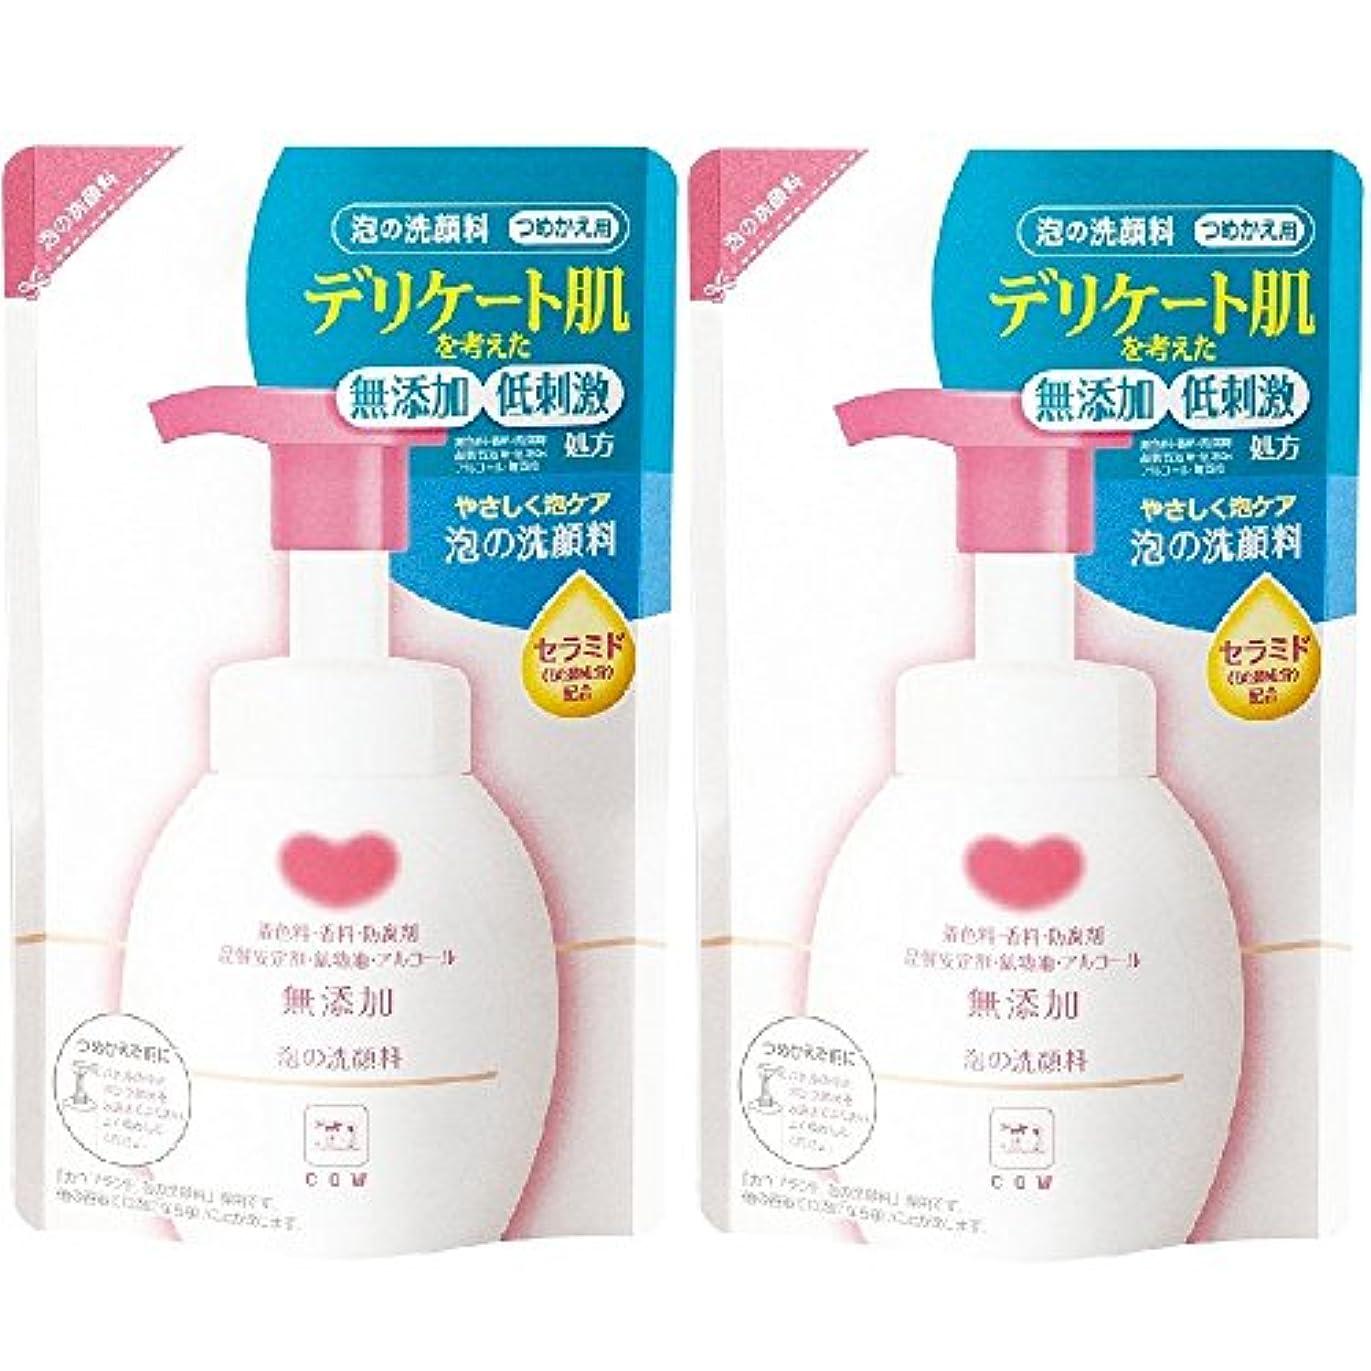 軽蔑男らしい原理カウブランド 無添加 泡の洗顔料 詰替用 2個組 (180mL×2個)